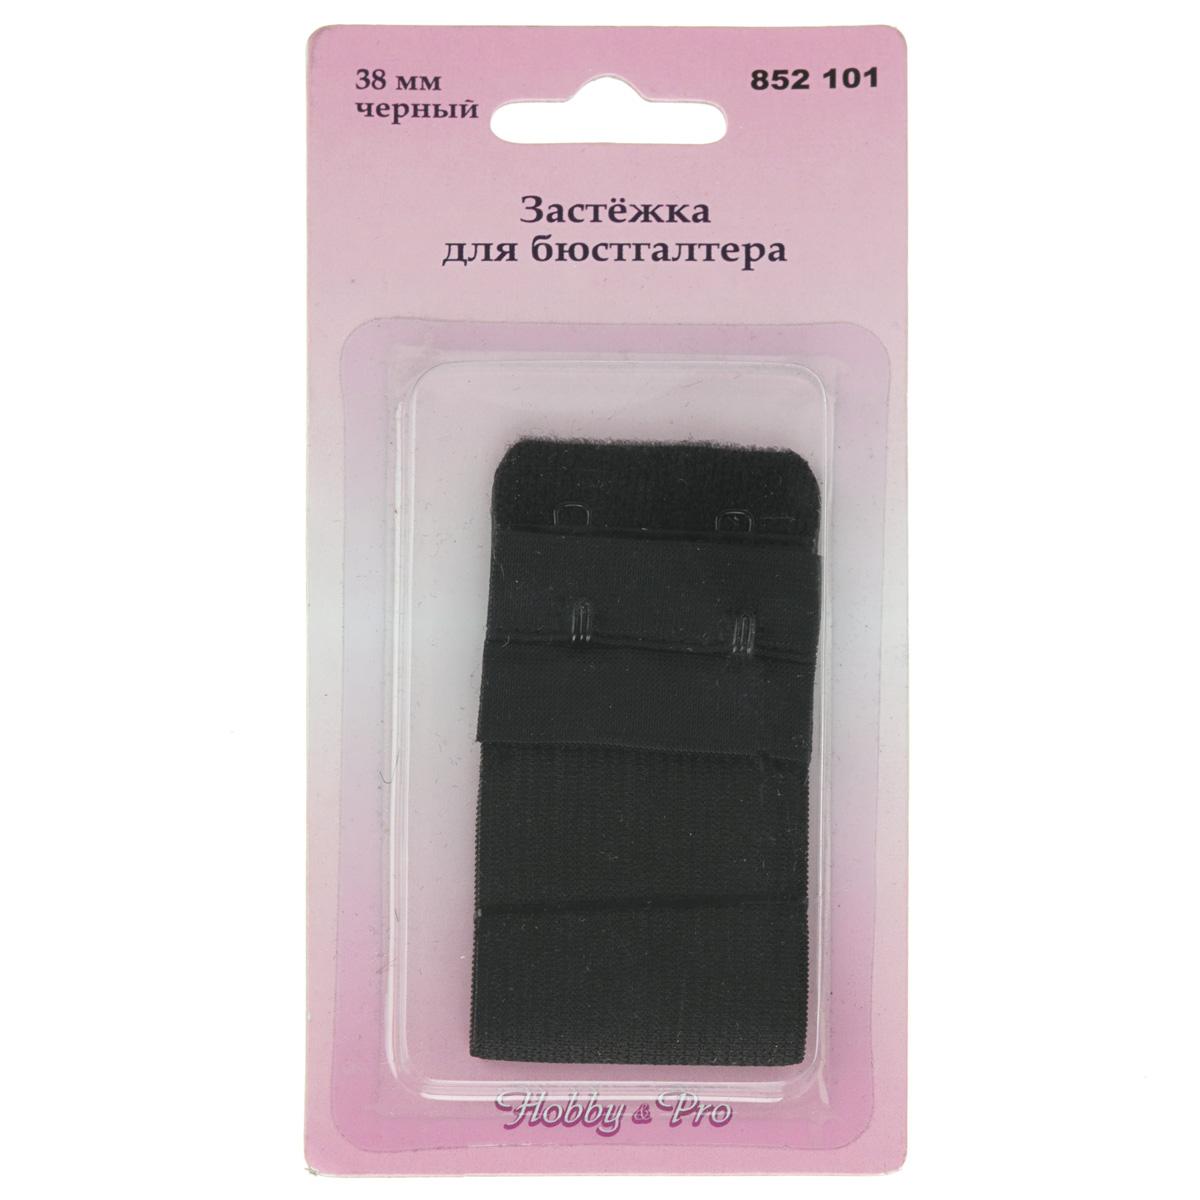 Застежка для бюстгальтера Hobby & Pro, цвет: черный, ширина 3,8 см7700512Застежка для бюстгальтера Hobby & Pro изготовлена из эластичного тянущегося текстиля. Изделие оснащено двумя металлическими крючками и предназначено для изготовления или ремонта бюстгальтеров. Застежка с защитой для кожи удобна при носке и не заметна под одеждой.